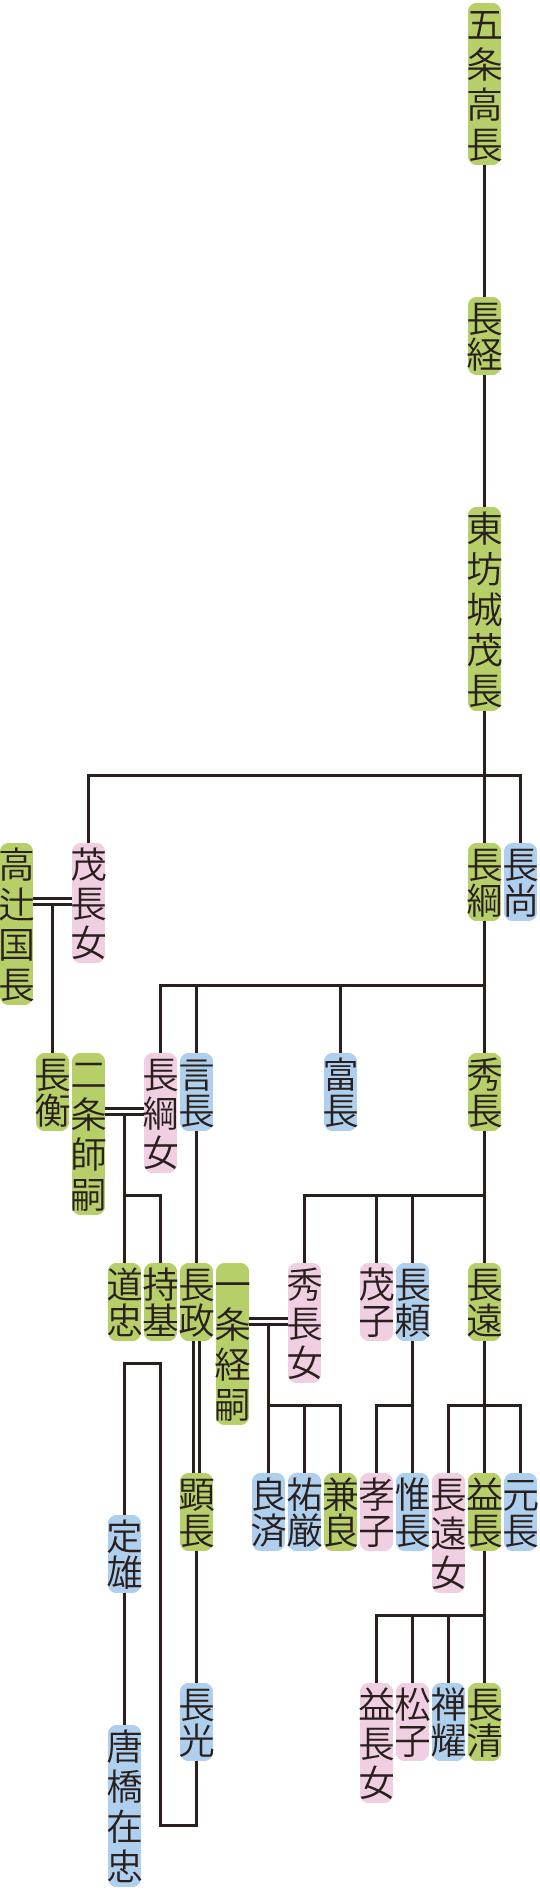 東坊城茂長~長遠の系図